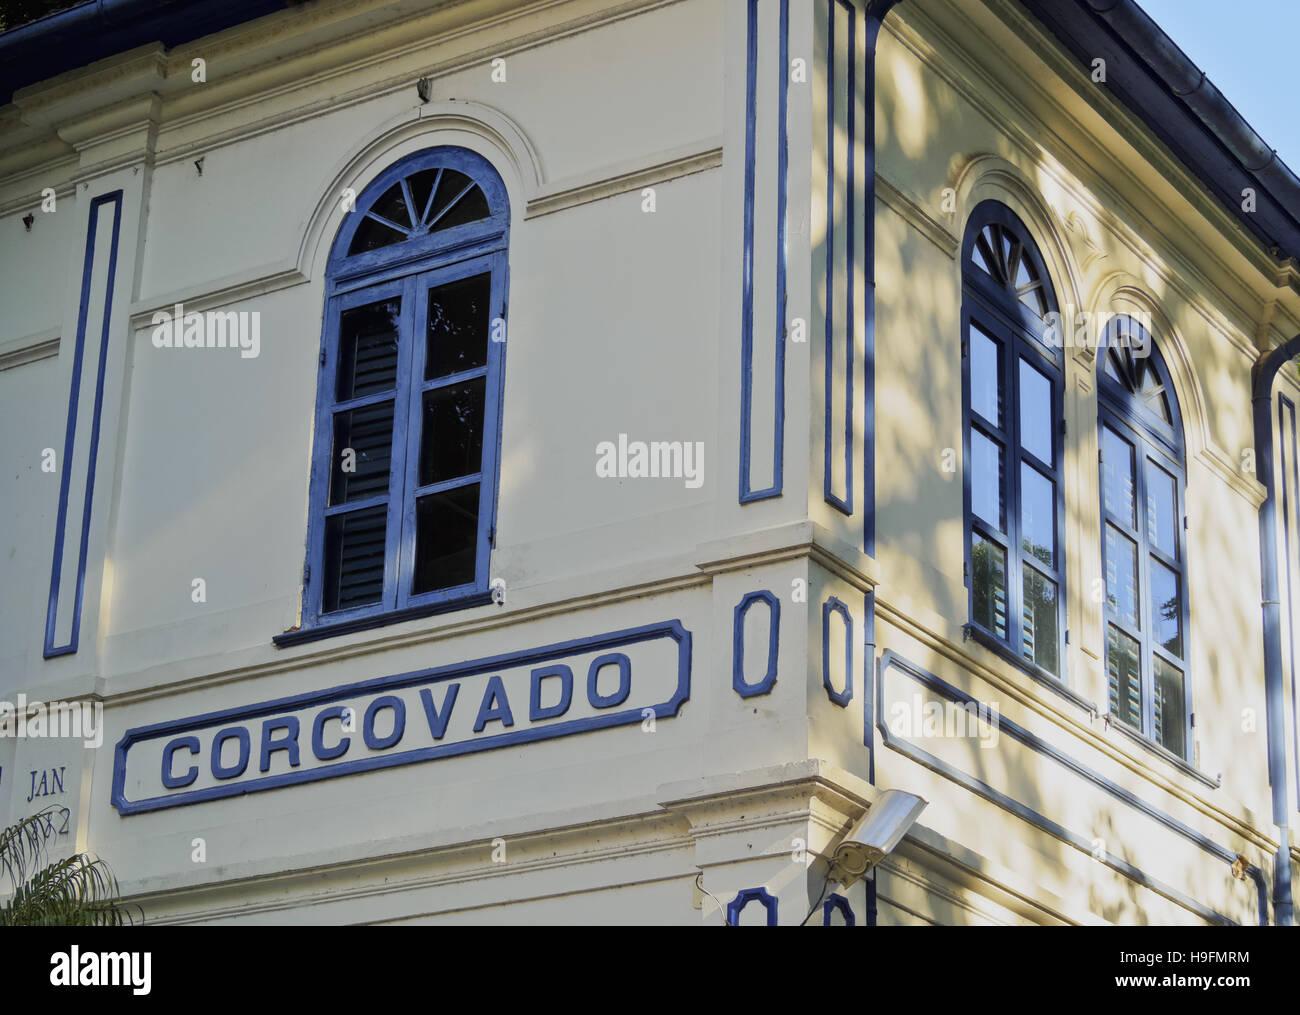 Brasilien, Stadt von Rio De Janeiro, Cosme Velho, Detailansicht der Corcovado Bahnhofsgebäude. Stockbild